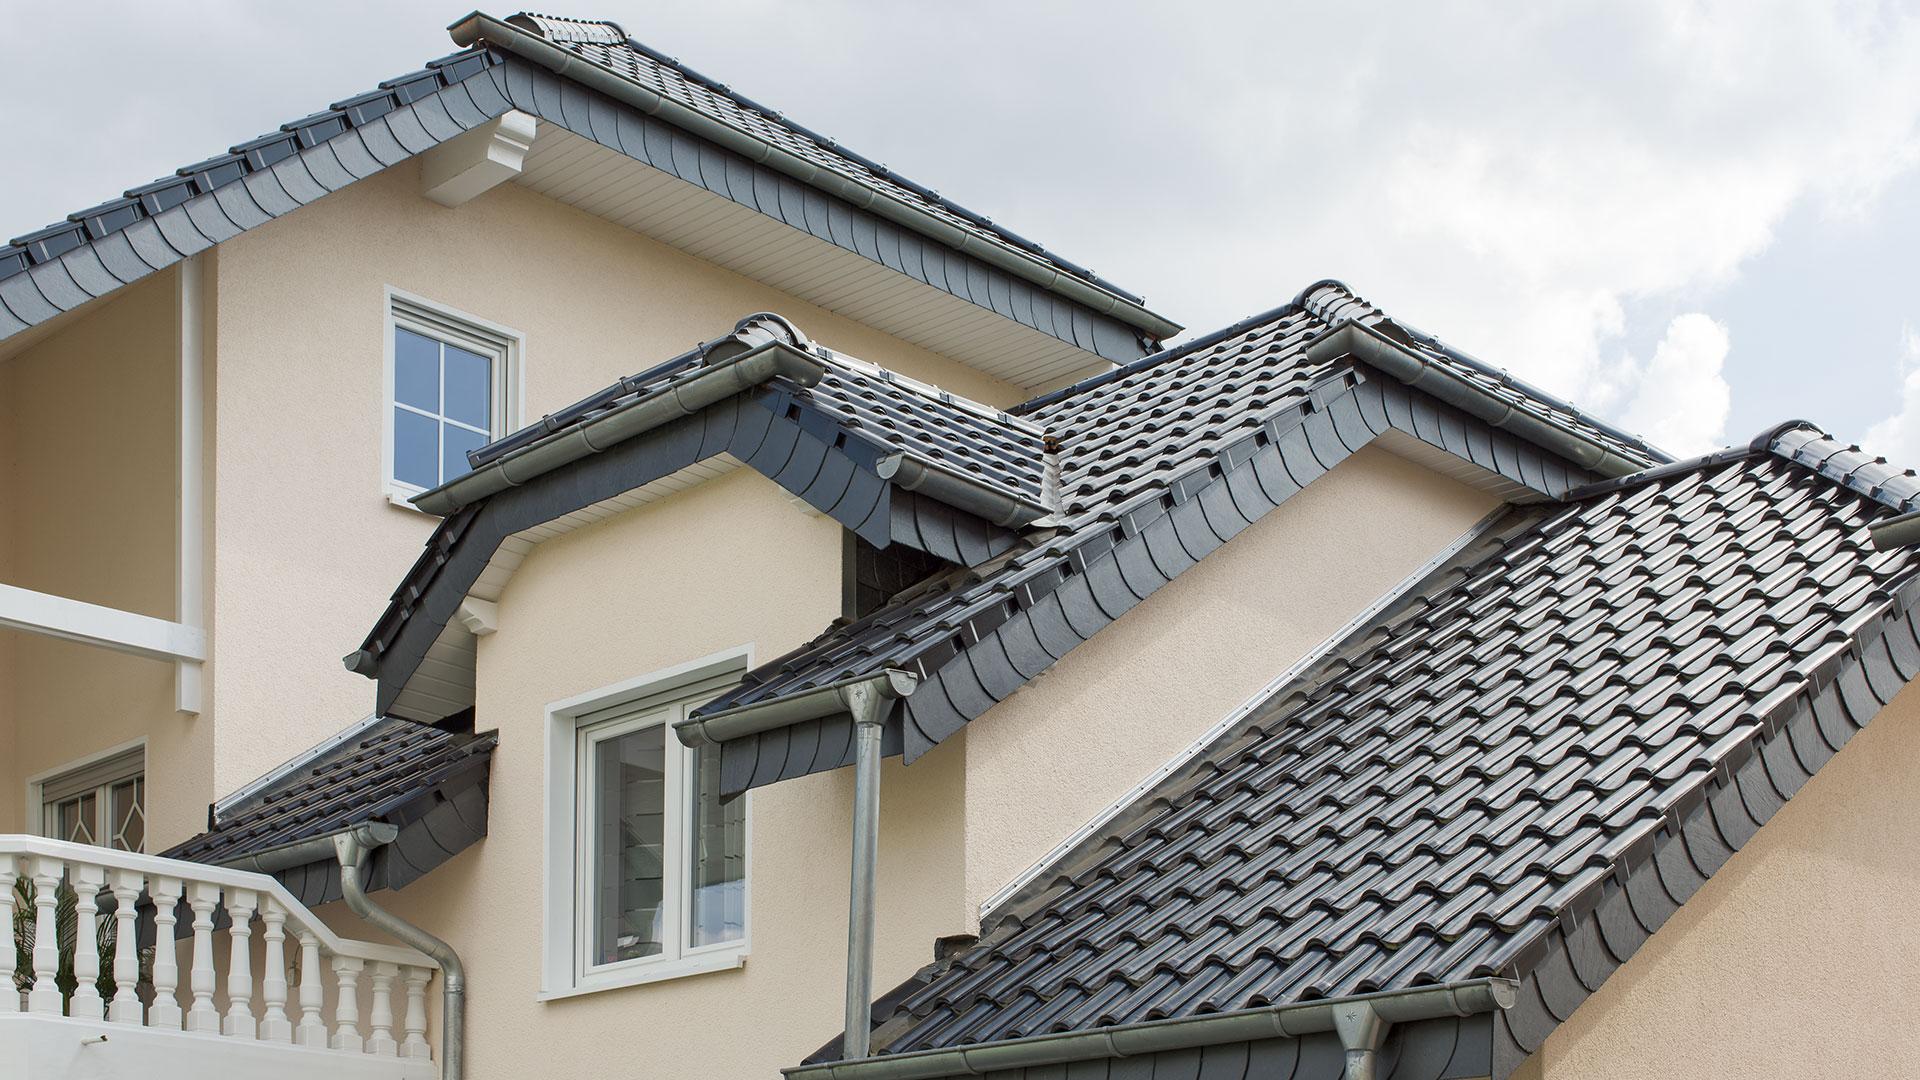 Architekturfotografie: Dachkomposition | Foto: Dieter Eikenberg, imprints